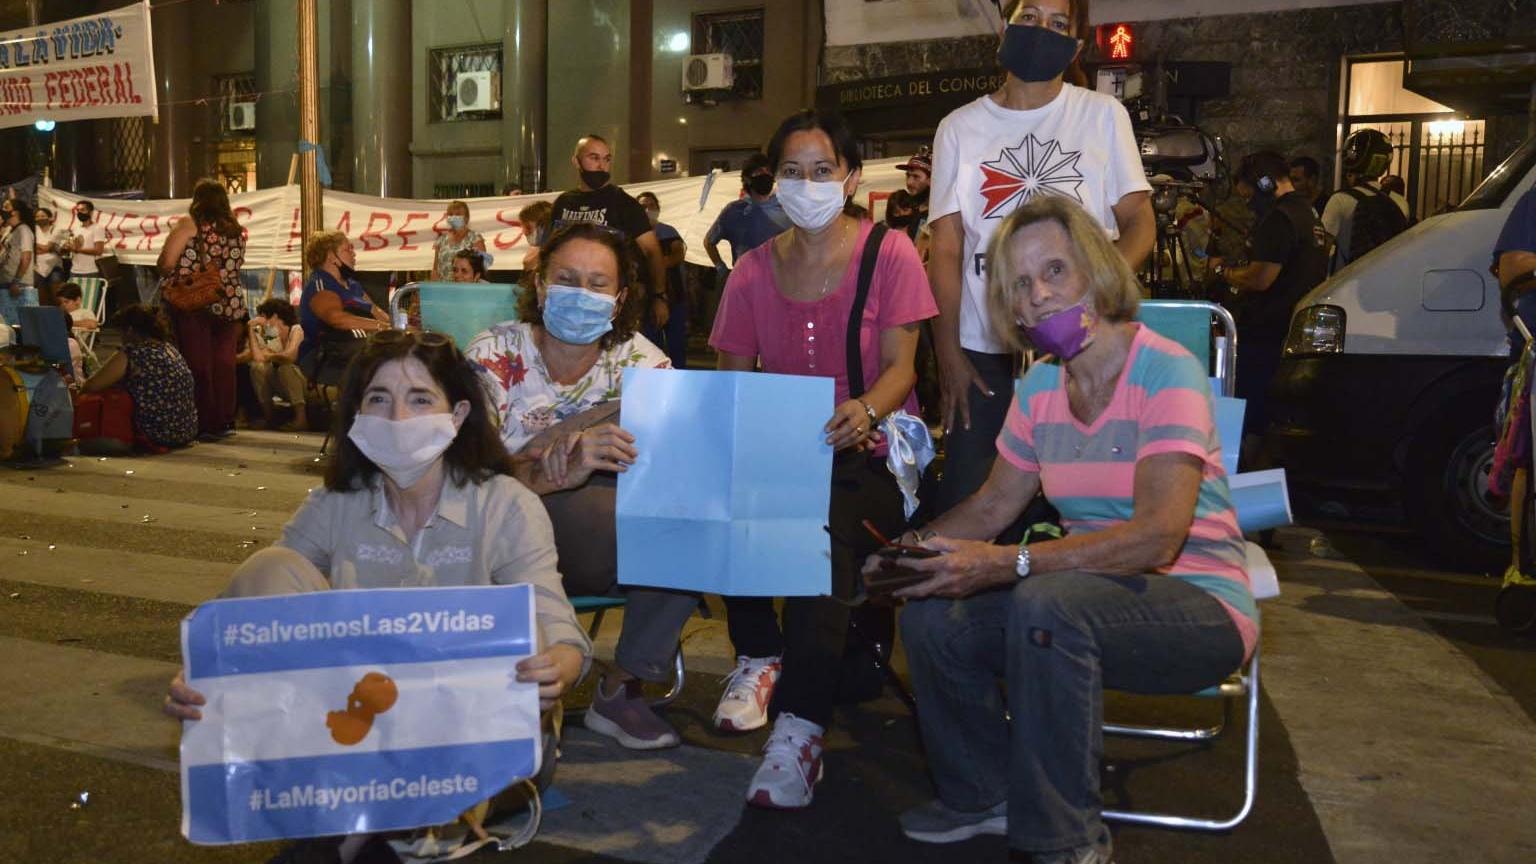 Sentadas en reposeras, mujeres de distintos puntos del país pasaron la noche frente al Congreso